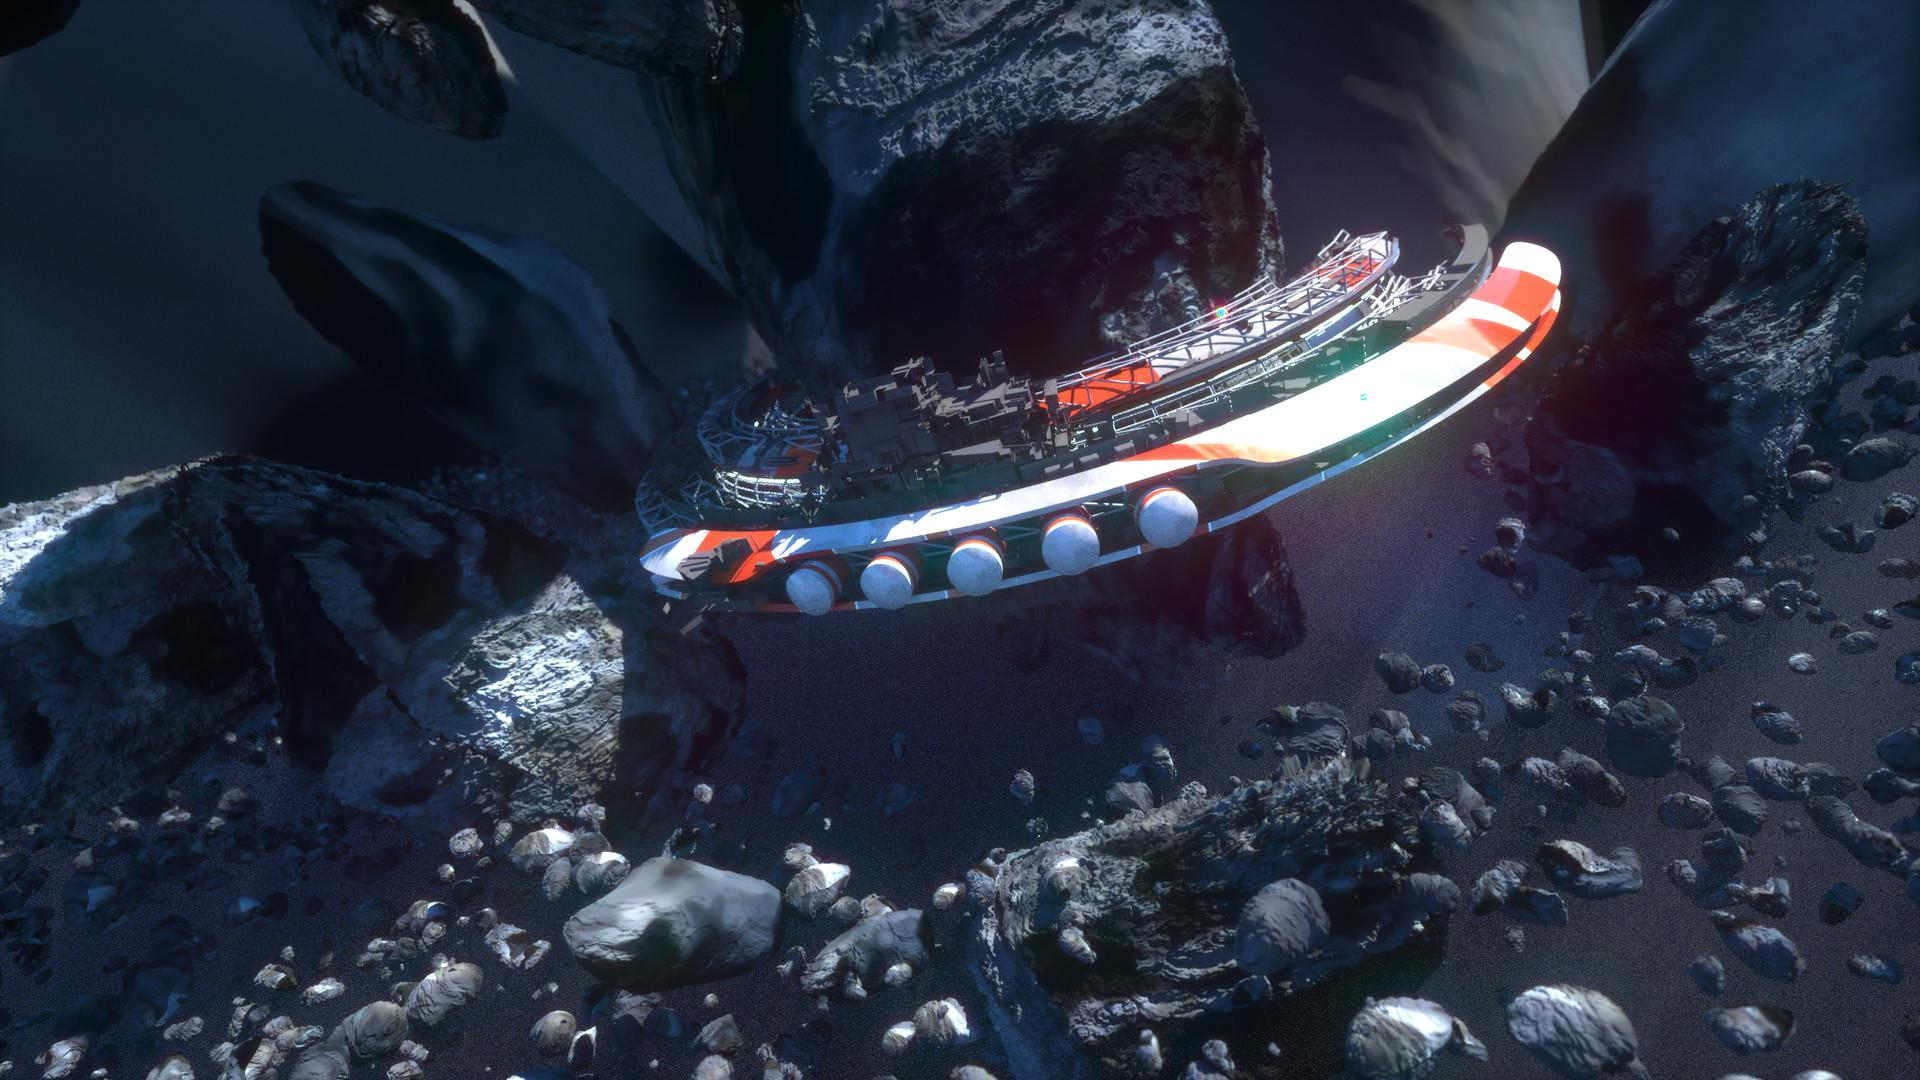 Leon tukker asteroidmining2small